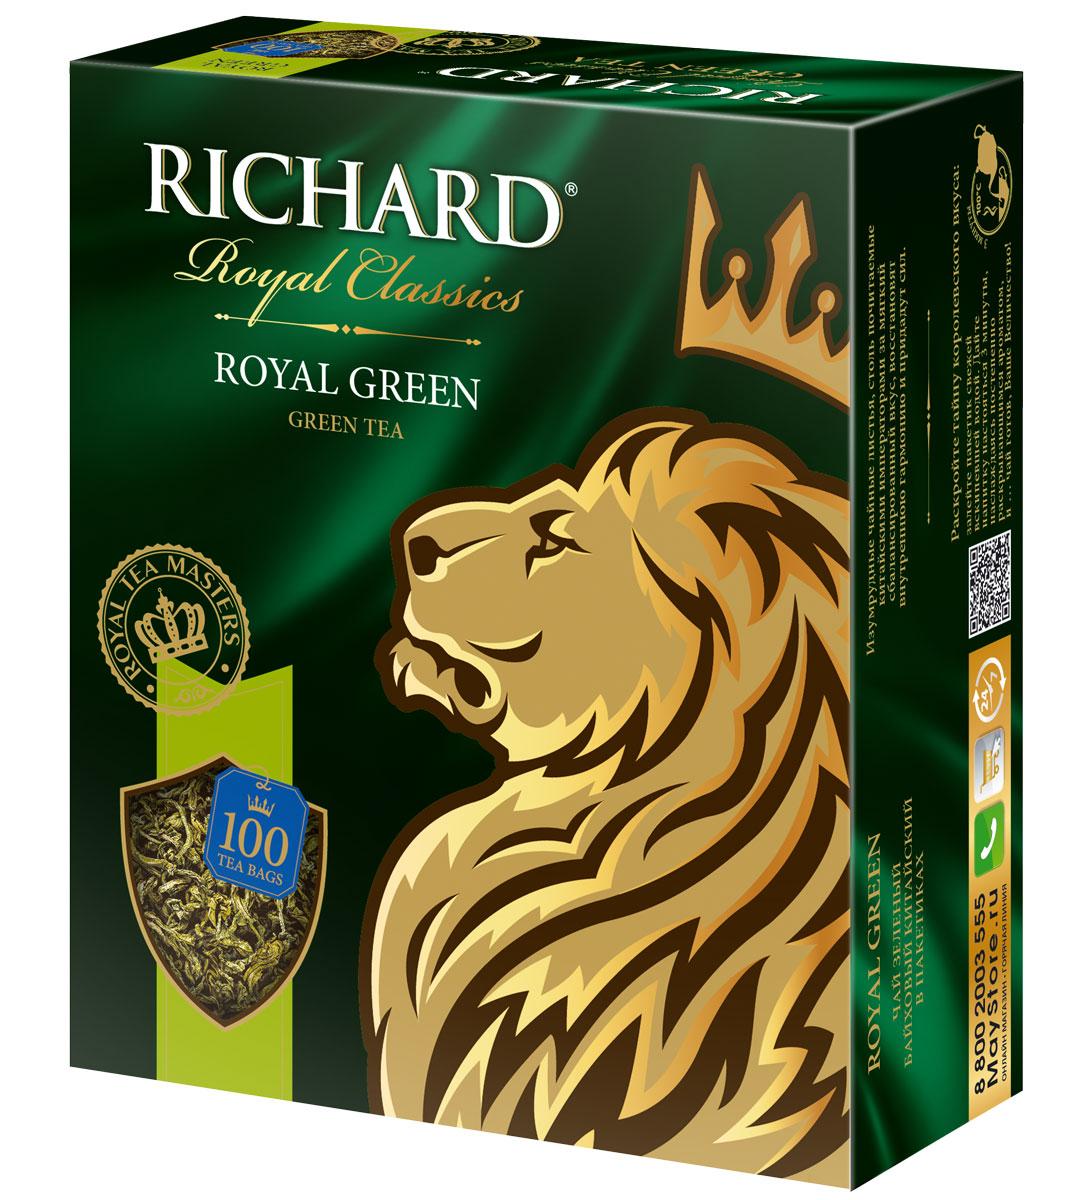 Richard Royal Green зеленый чай в пакетиках, 100 шт610150Richard Royal Green - зеленый байховый китайский чай в пакетиках. Изумрудные чайные листья, столь почитаемые за мягкий сбалансированный вкус, восстановят внутреннюю гармонию и придадут сил.Всё о чае: сорта, факты, советы по выбору и употреблению. Статья OZON Гид